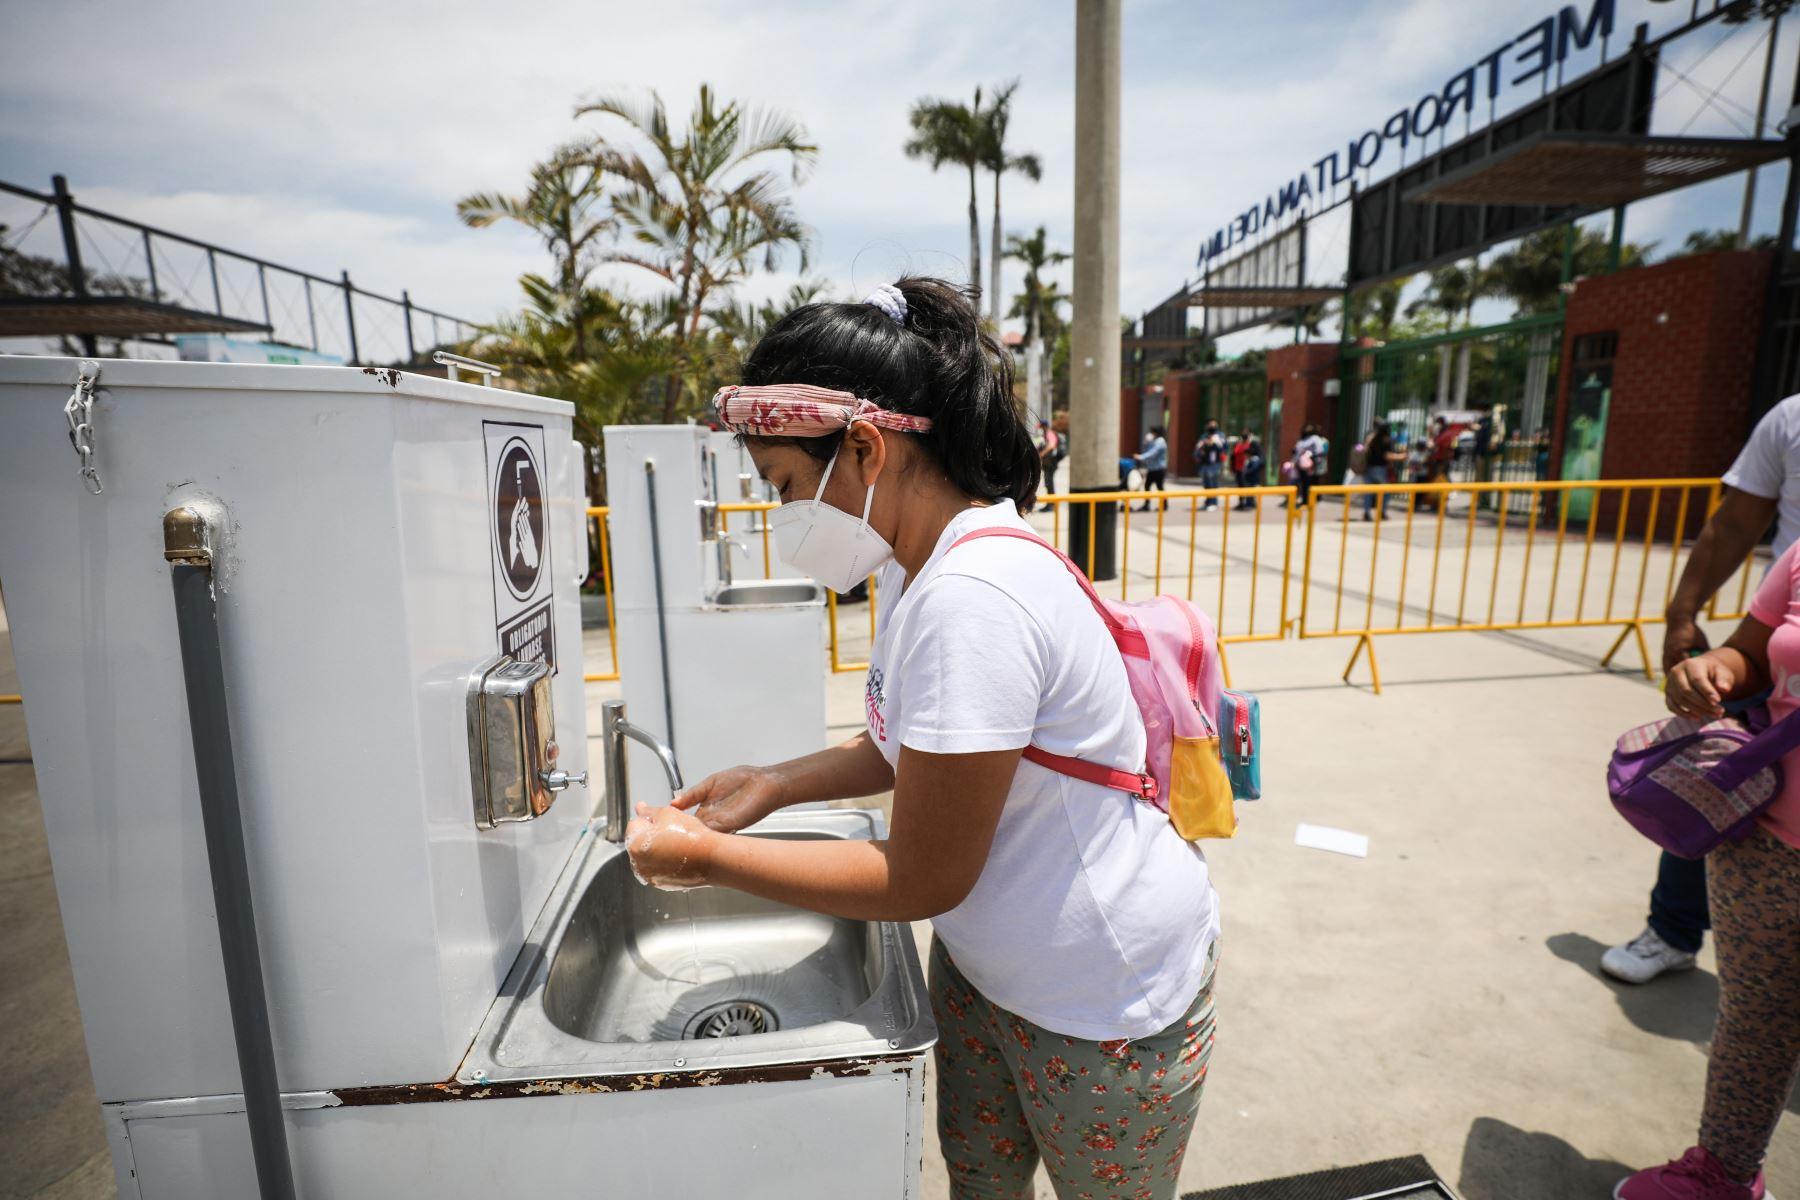 Los menores podrán recorrer las instalaciones acompañados, en todo momento, por una persona mayor de edad que viva en el mismo domicilio. Foto: Municipalidad de Lima